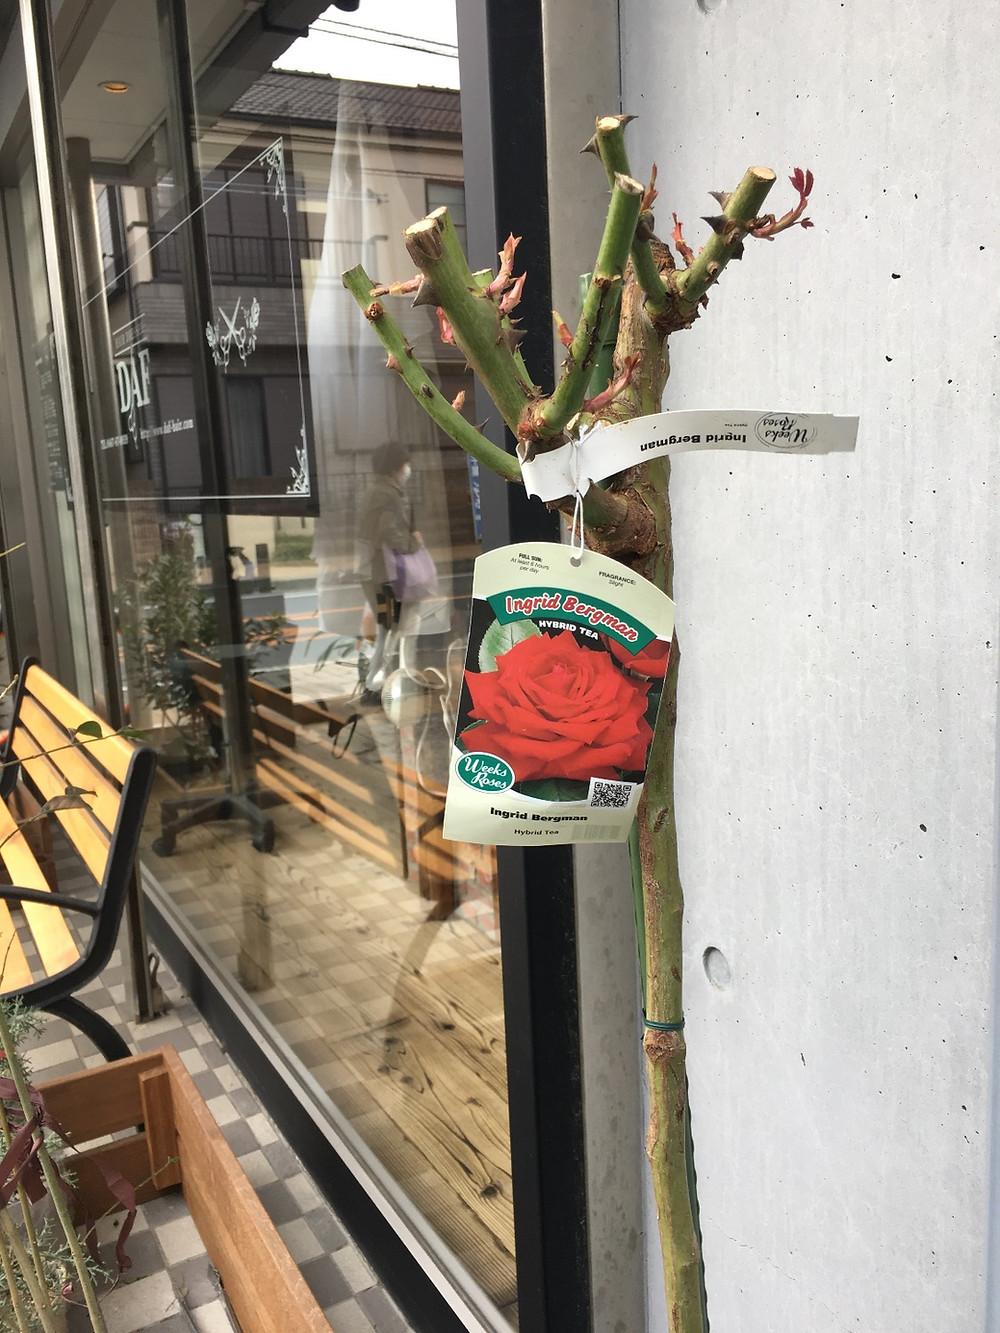 イングリッドバーグマンDAF hair rose garden